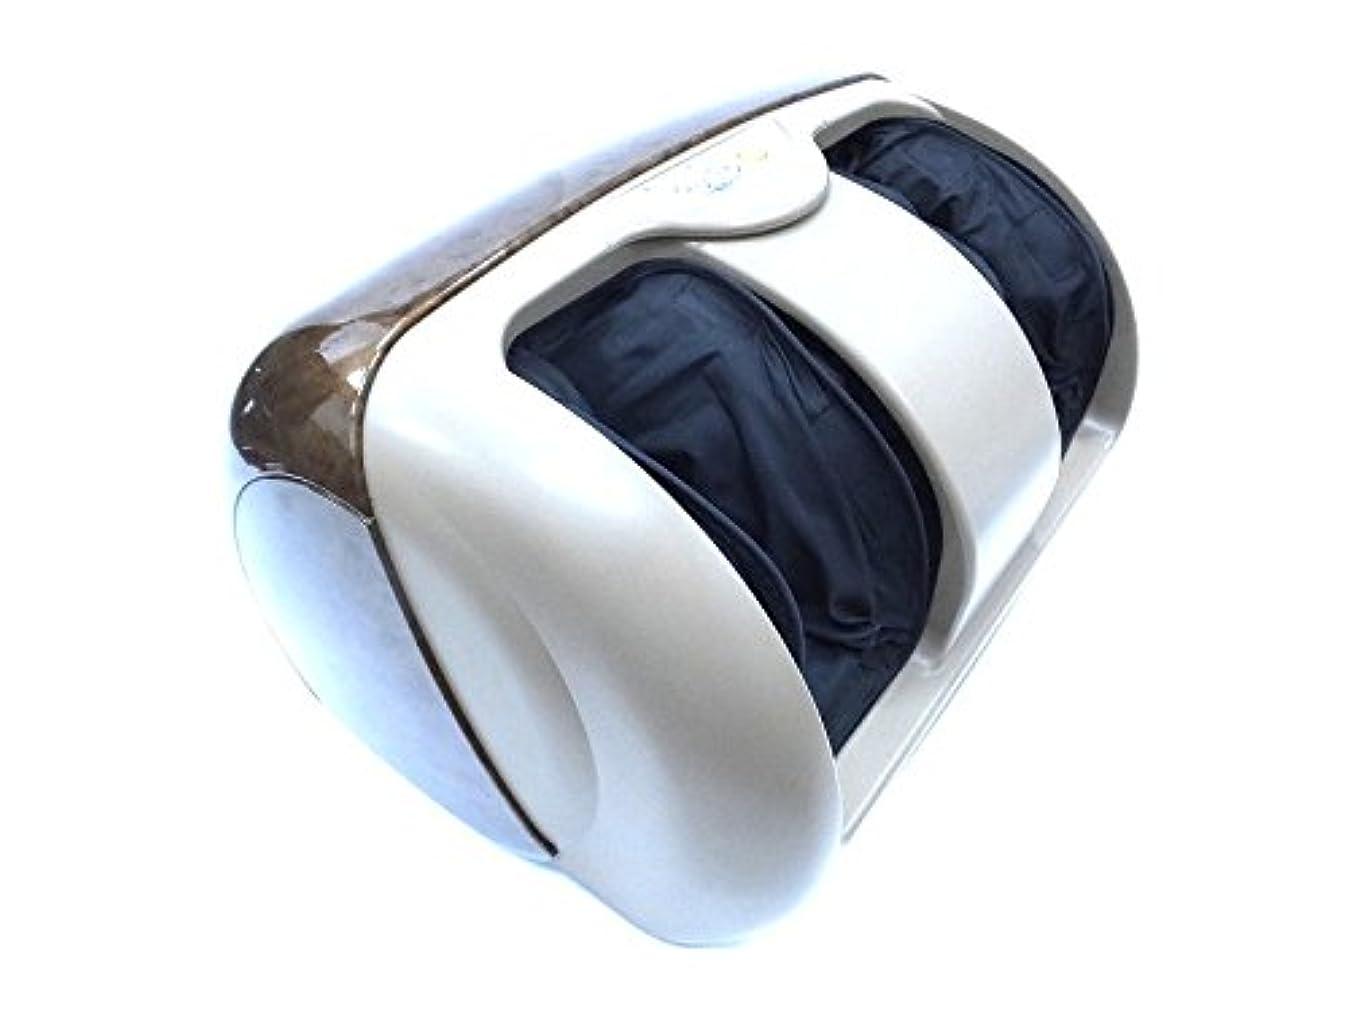 考慮ライン警告フランス総合医療 マルタカテクノ RF01 リフレフット フットマッサージャー (家庭用足マッサージ機)